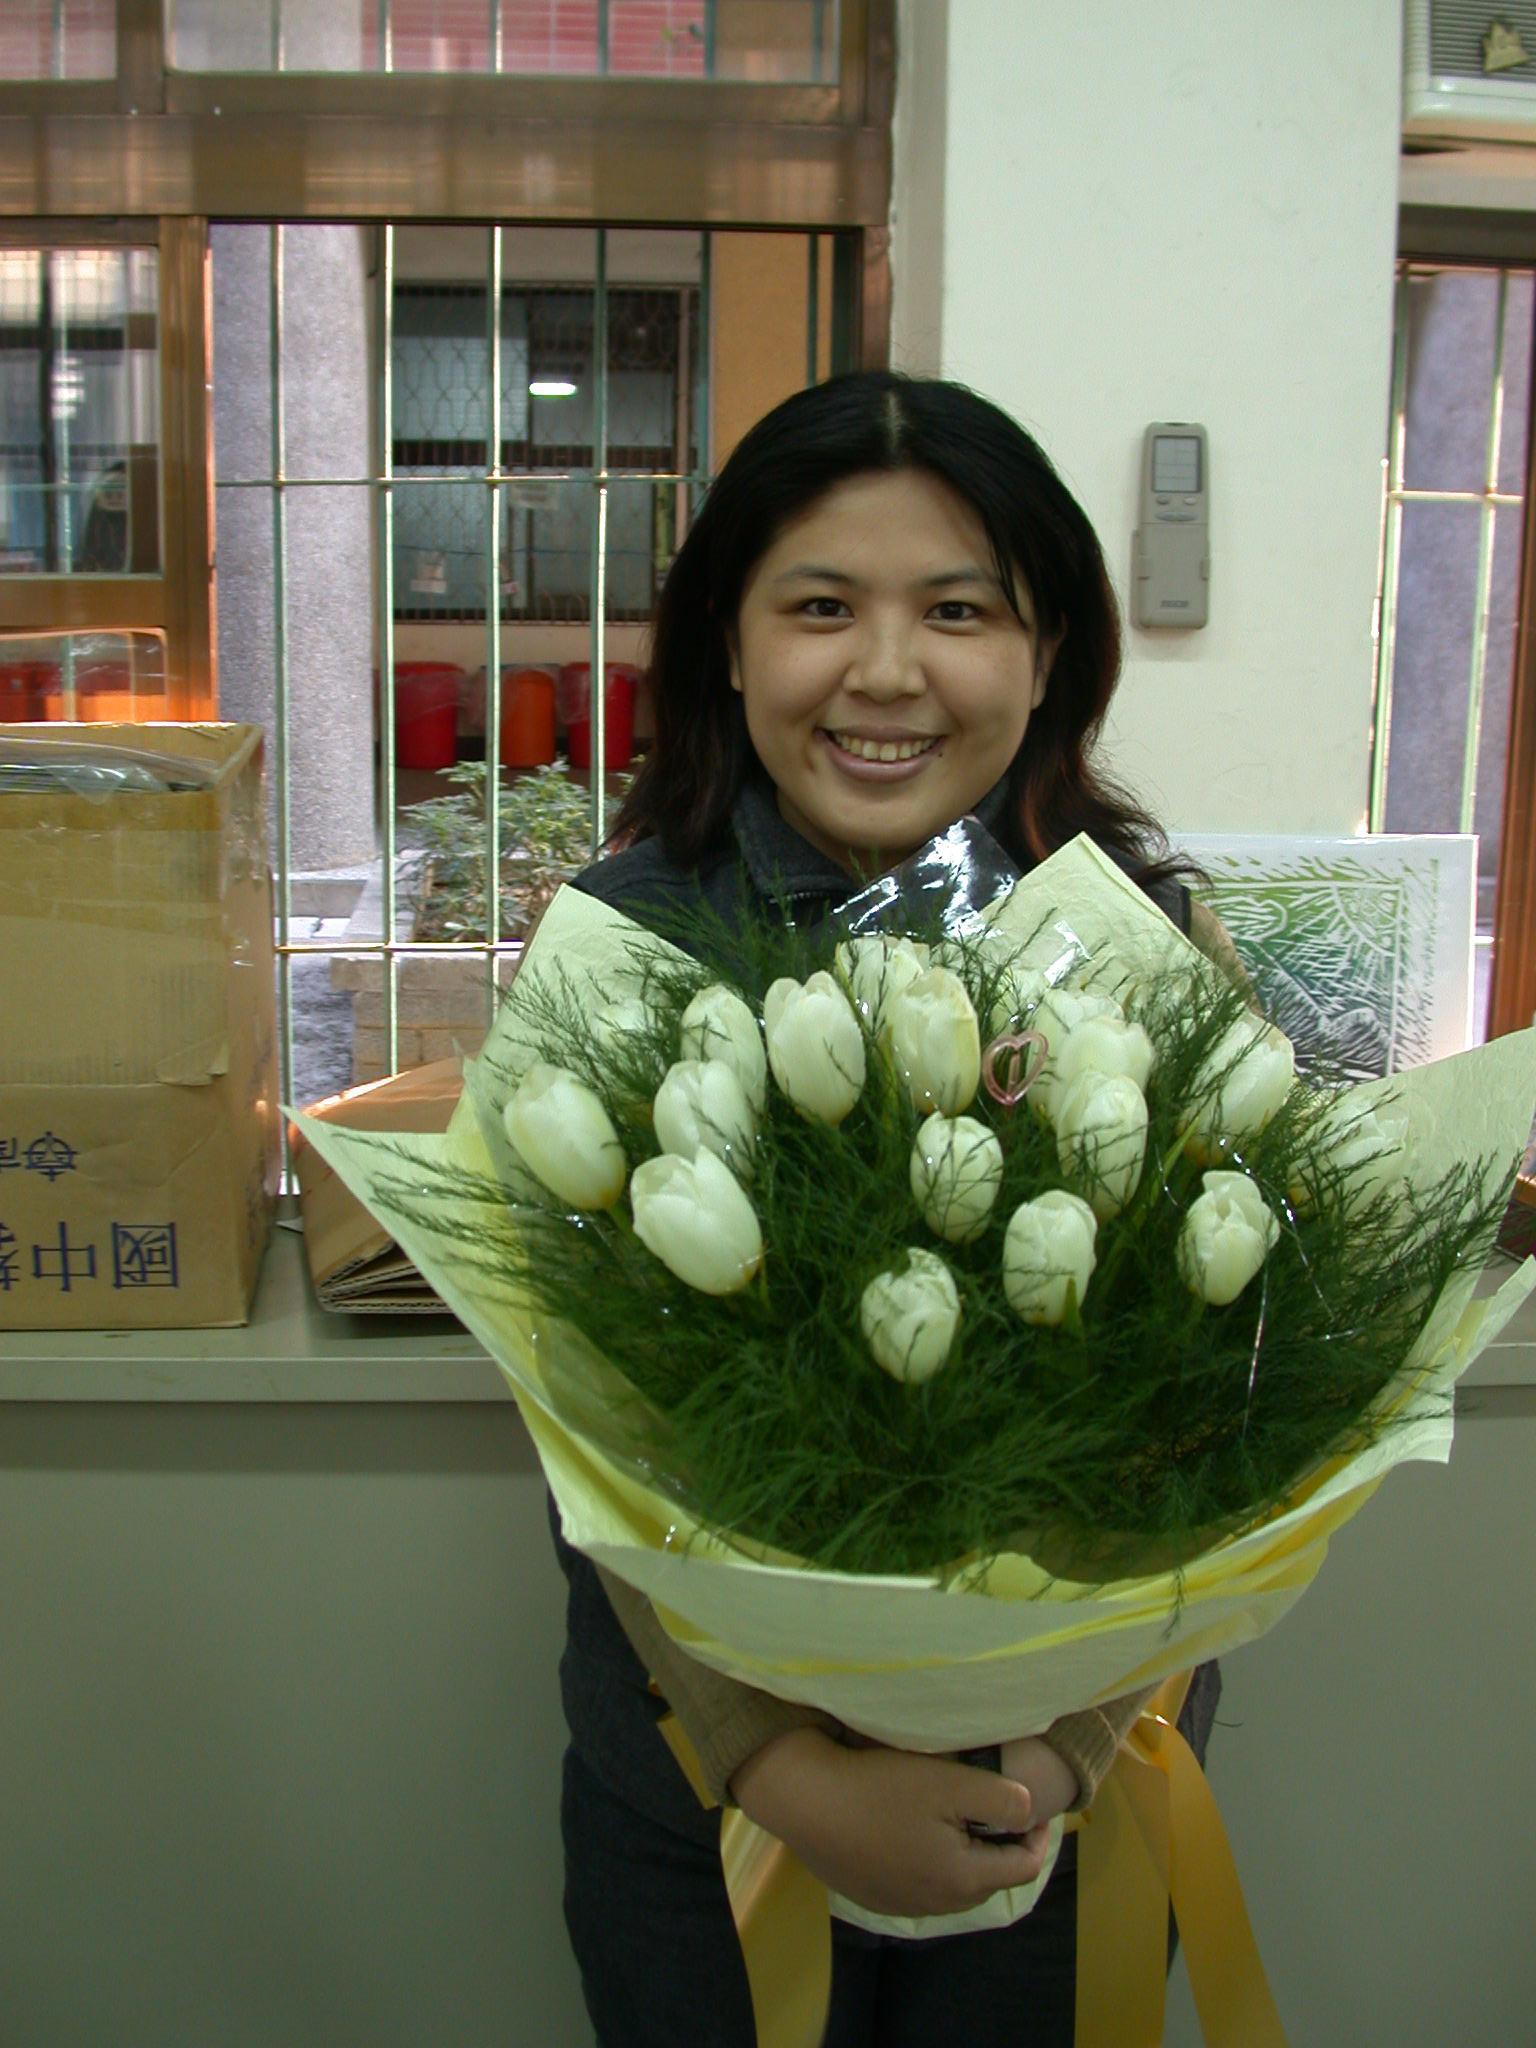 特教系校友蔡雅智獲「新竹市教材教具比賽特優」- 榮耀歸予母校